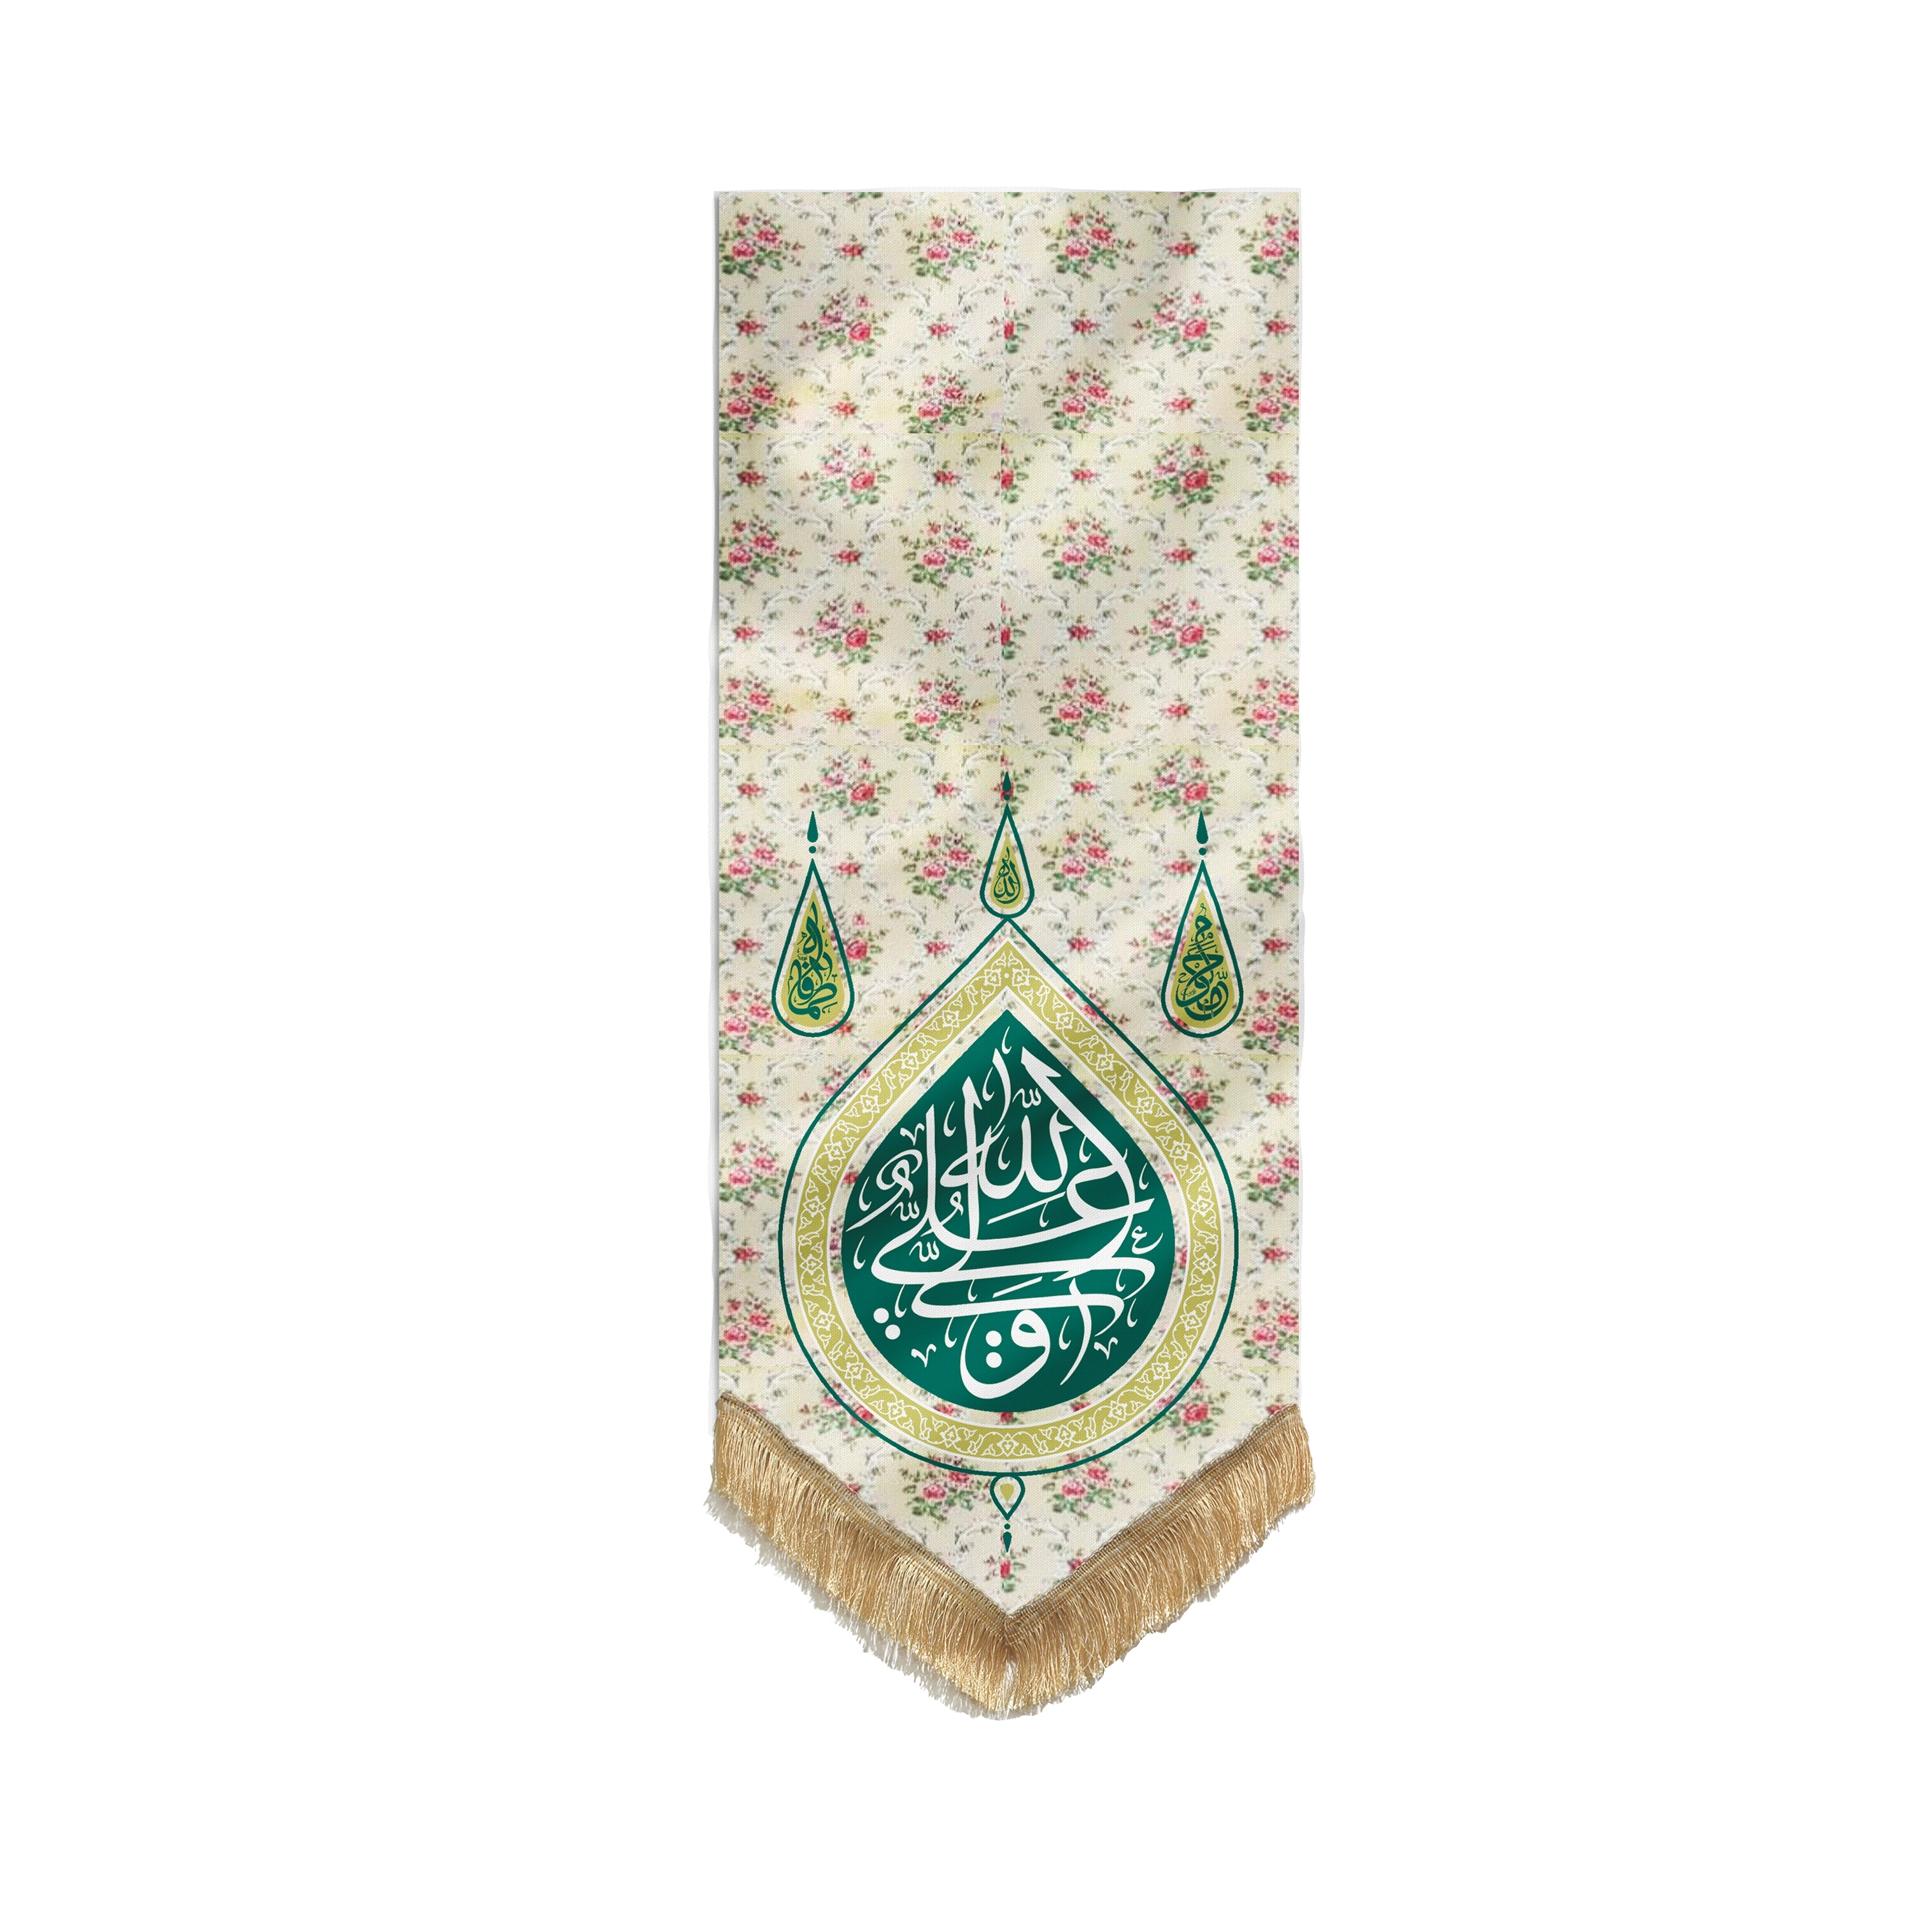 تصویر از بیرق گل گلی طرح «علی ولی الله» پارچه پنبهای، یکونیم متری